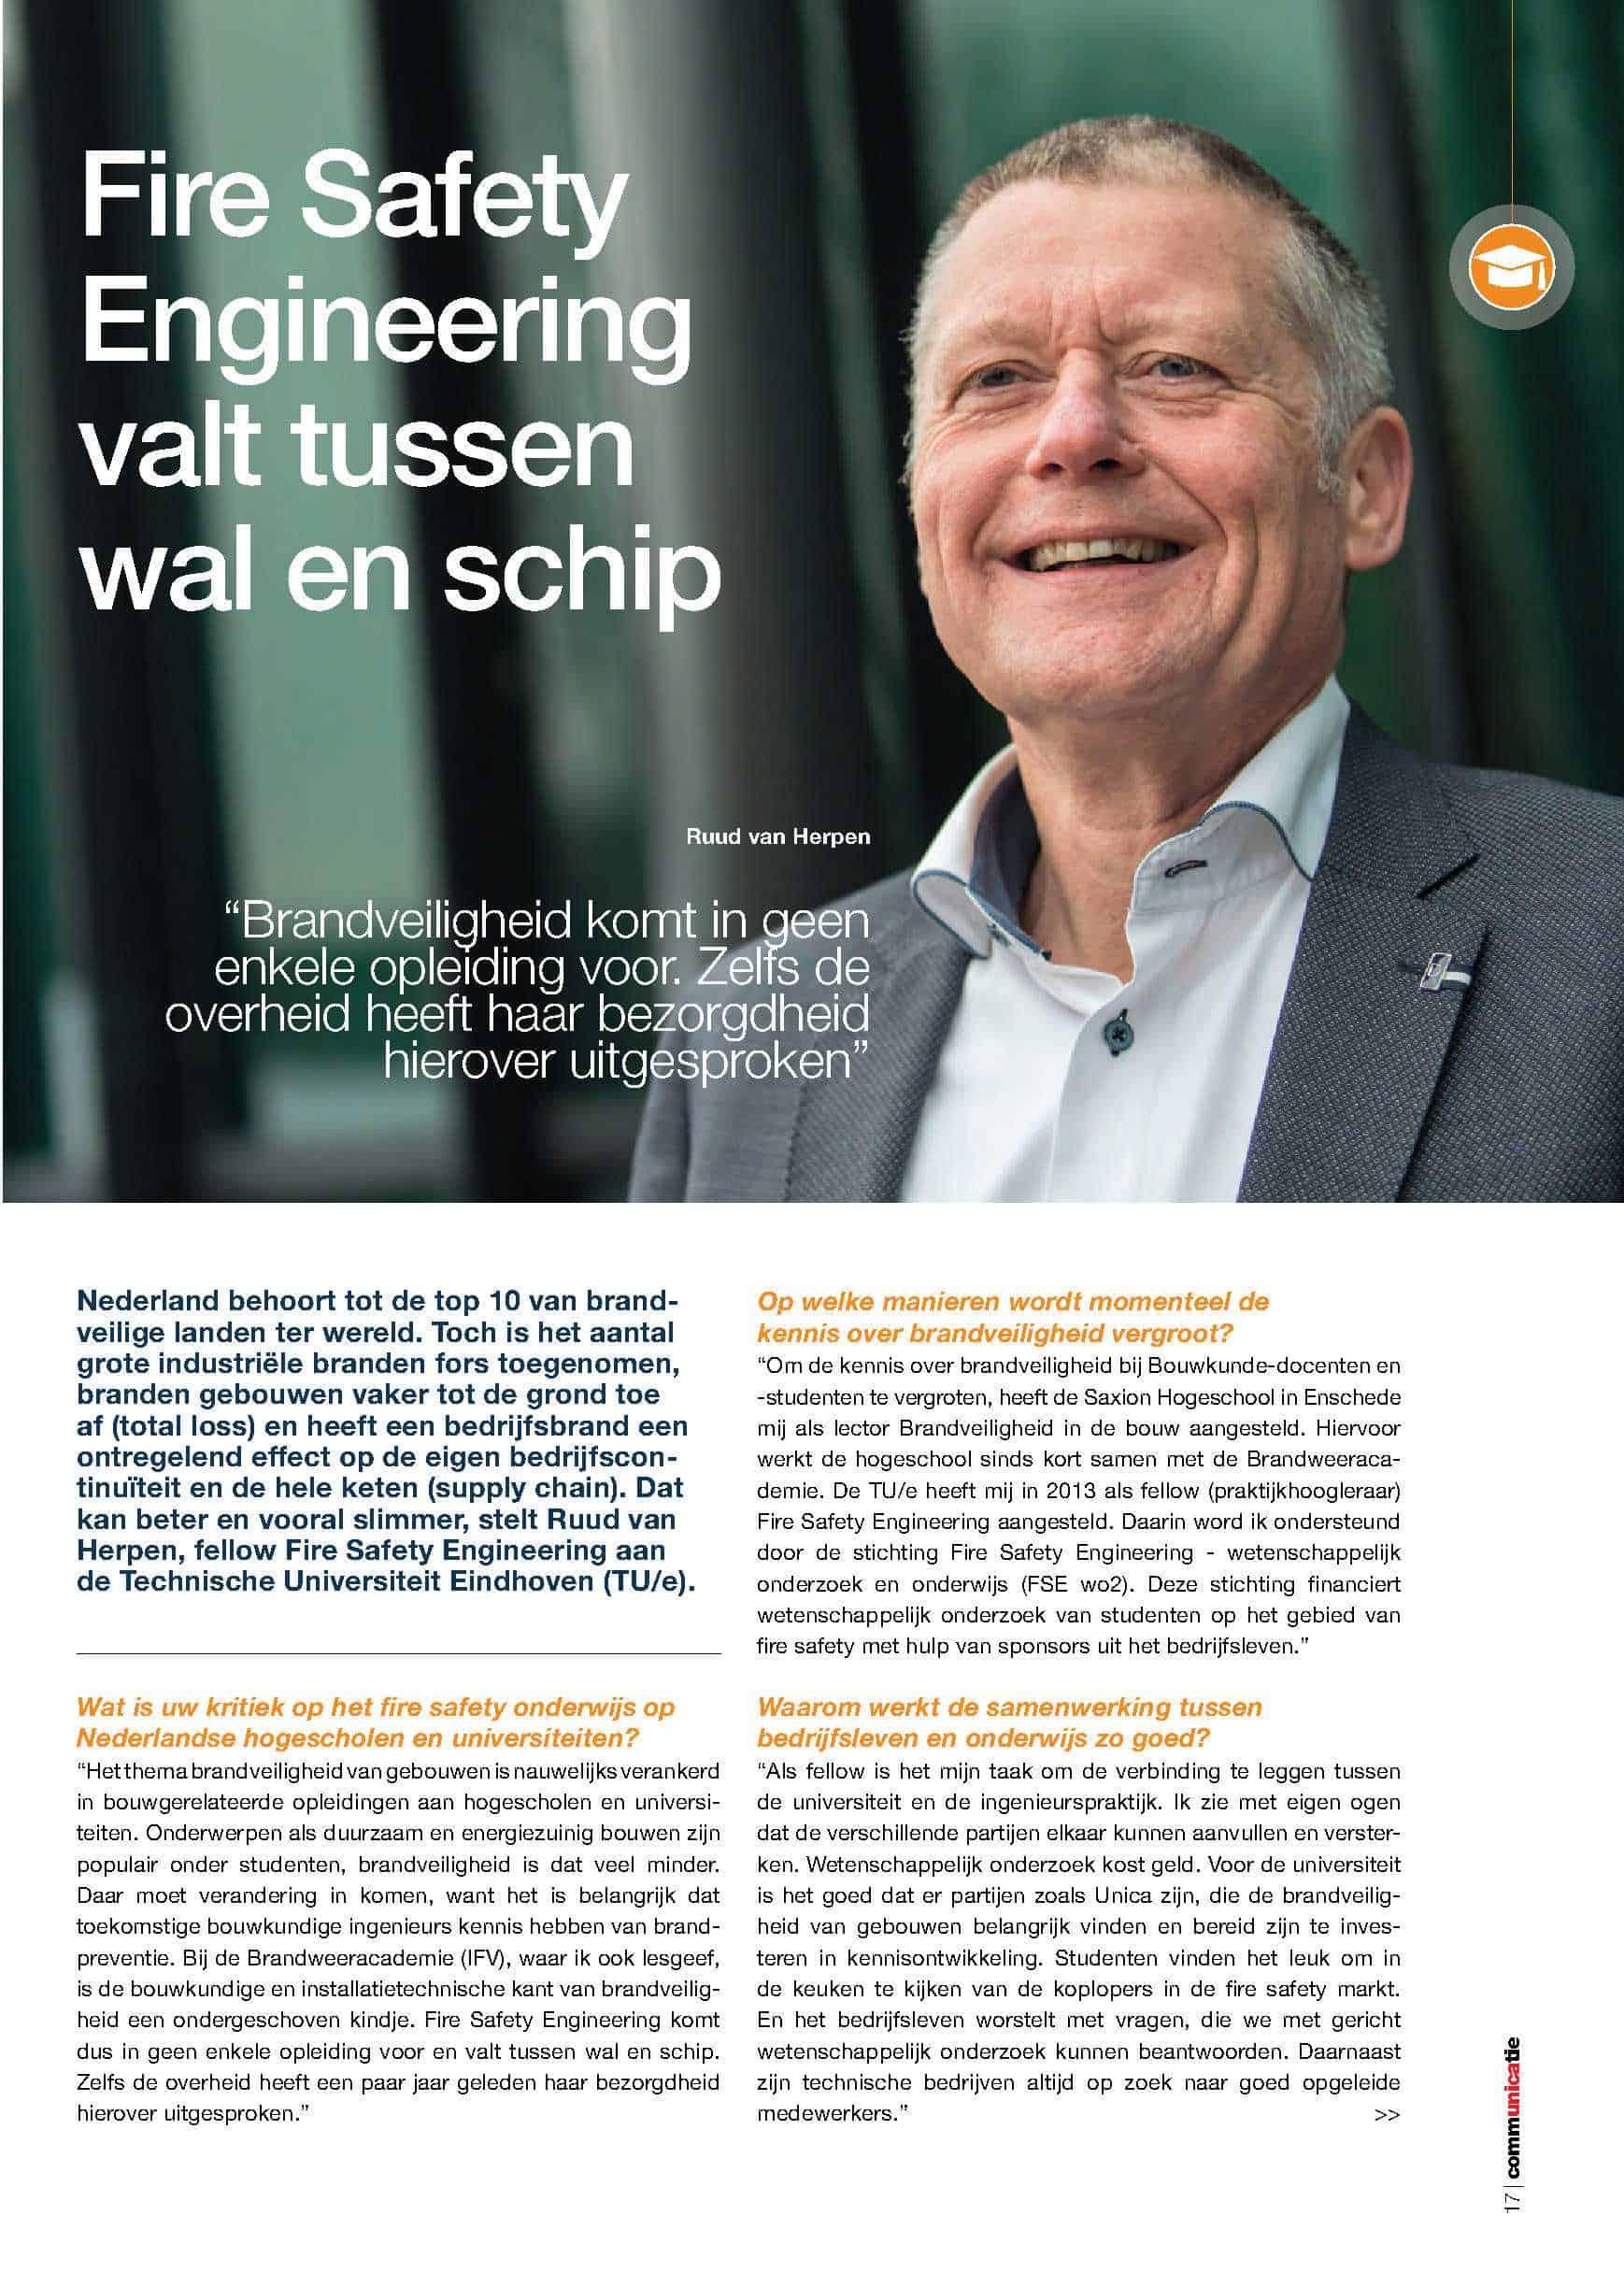 Ruud van Herpen is voor het UNICA magazine geïnterviewd over hoe het onderwijs en bedrijfsleven samen werken aan slimme brandveiligheid